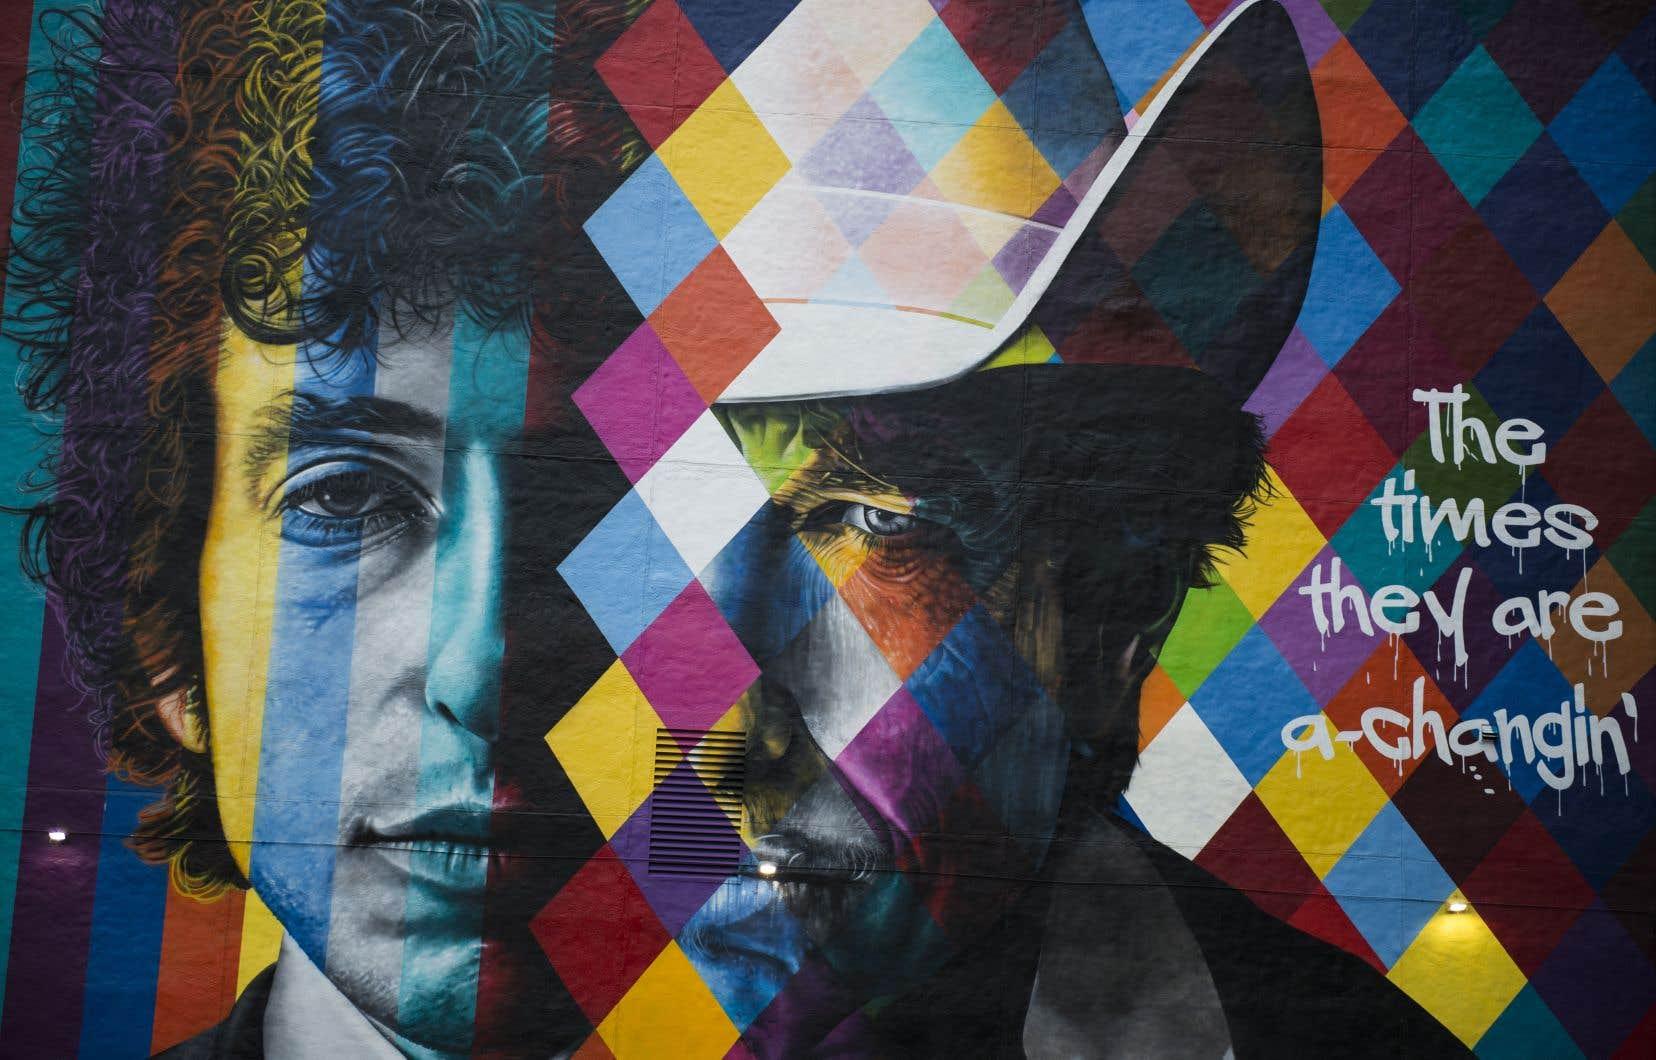 Une murale de l'artiste brésilien Eduardo Kobra à Minneapolis en hommage à Bob Dylan, qui a remporté le Nobel de littérature en 2016.